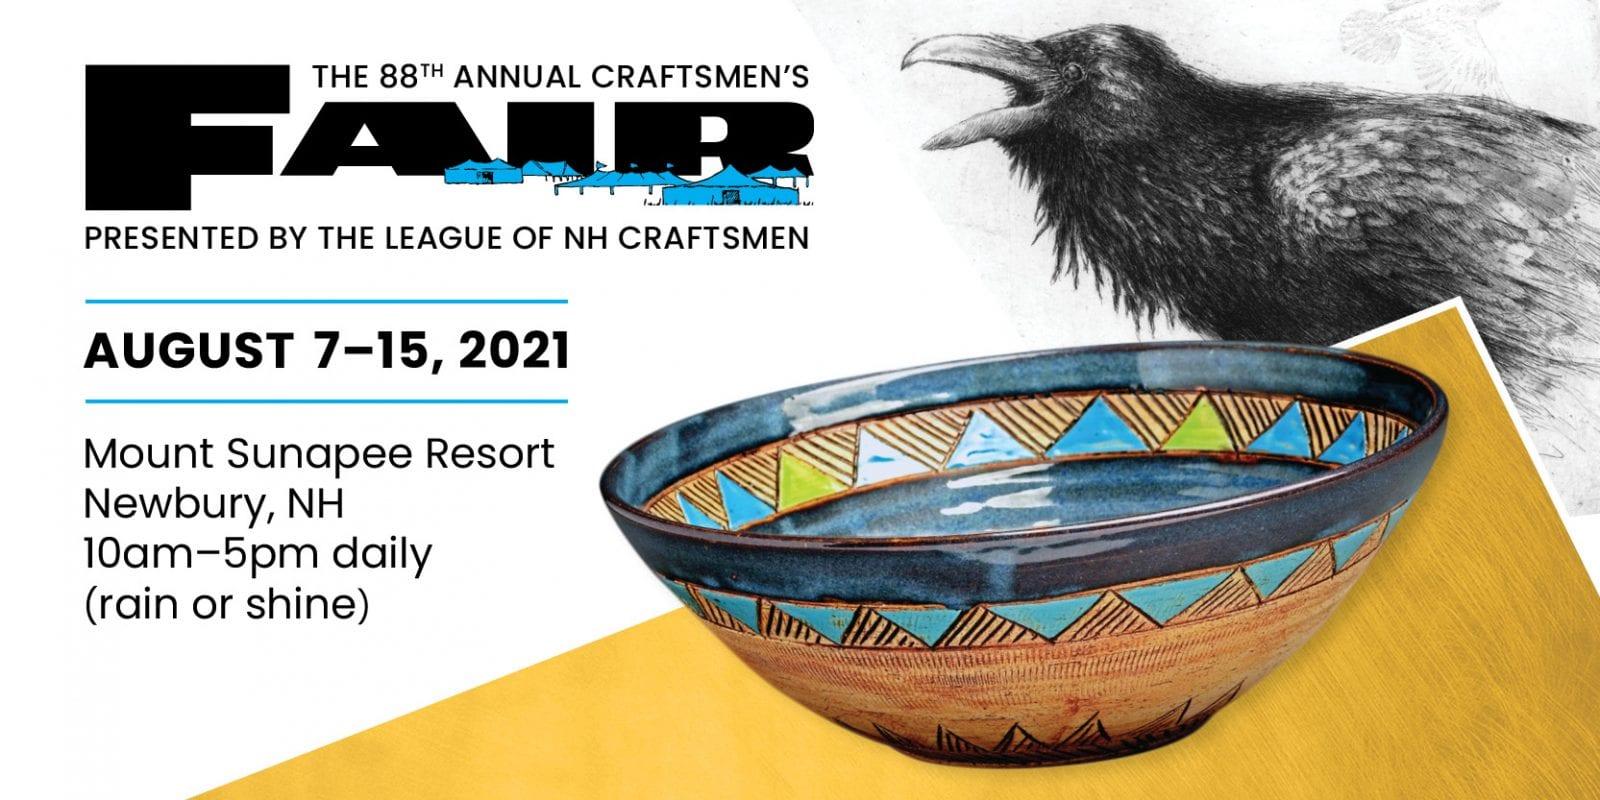 Annual Craftsmen's Fair 2021